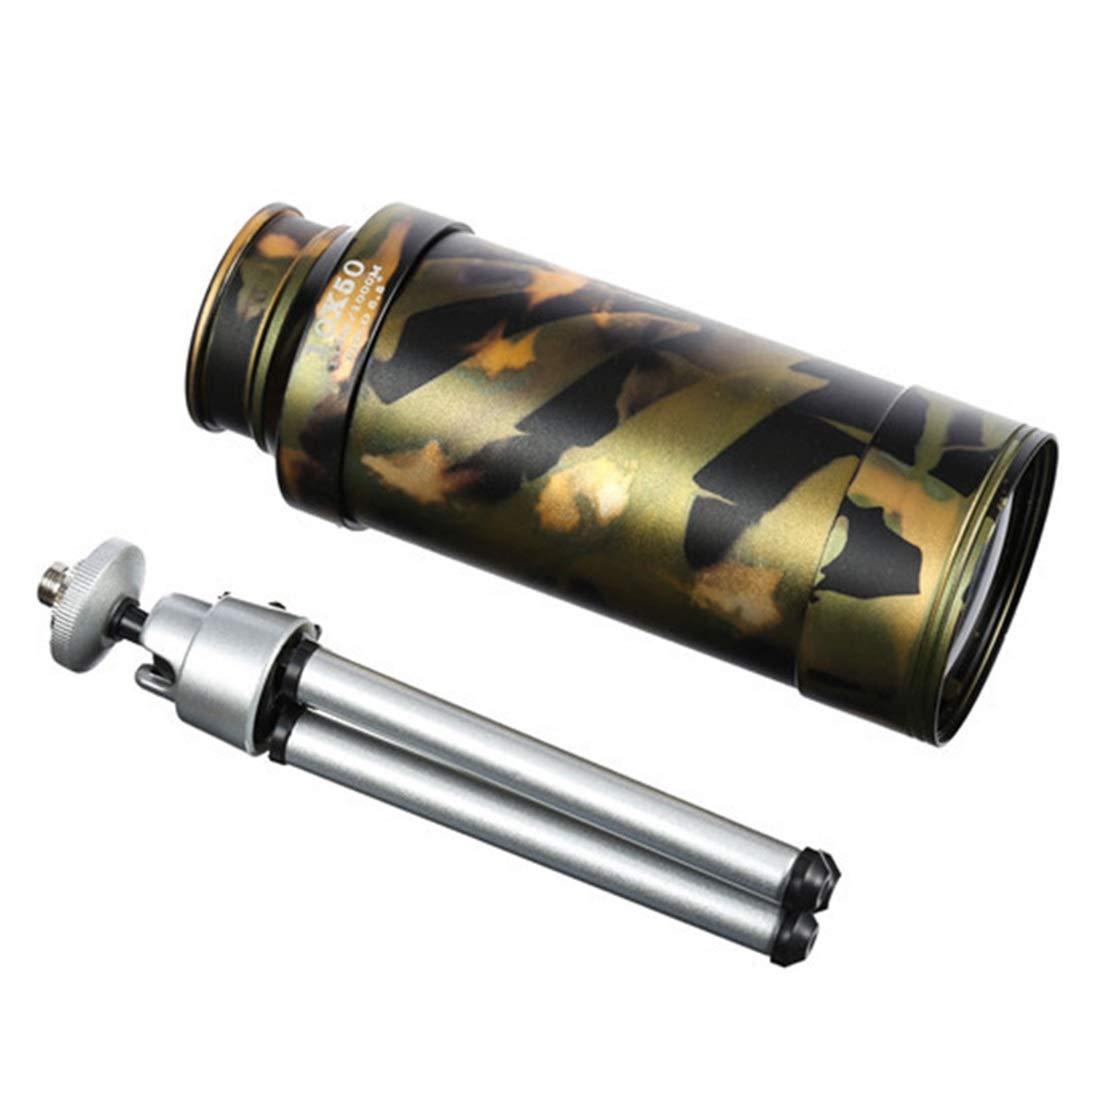 YY3 10x50 Hochleistungs-Messing-Monokular für Erwachsene - Ausgestattet mit Stativ